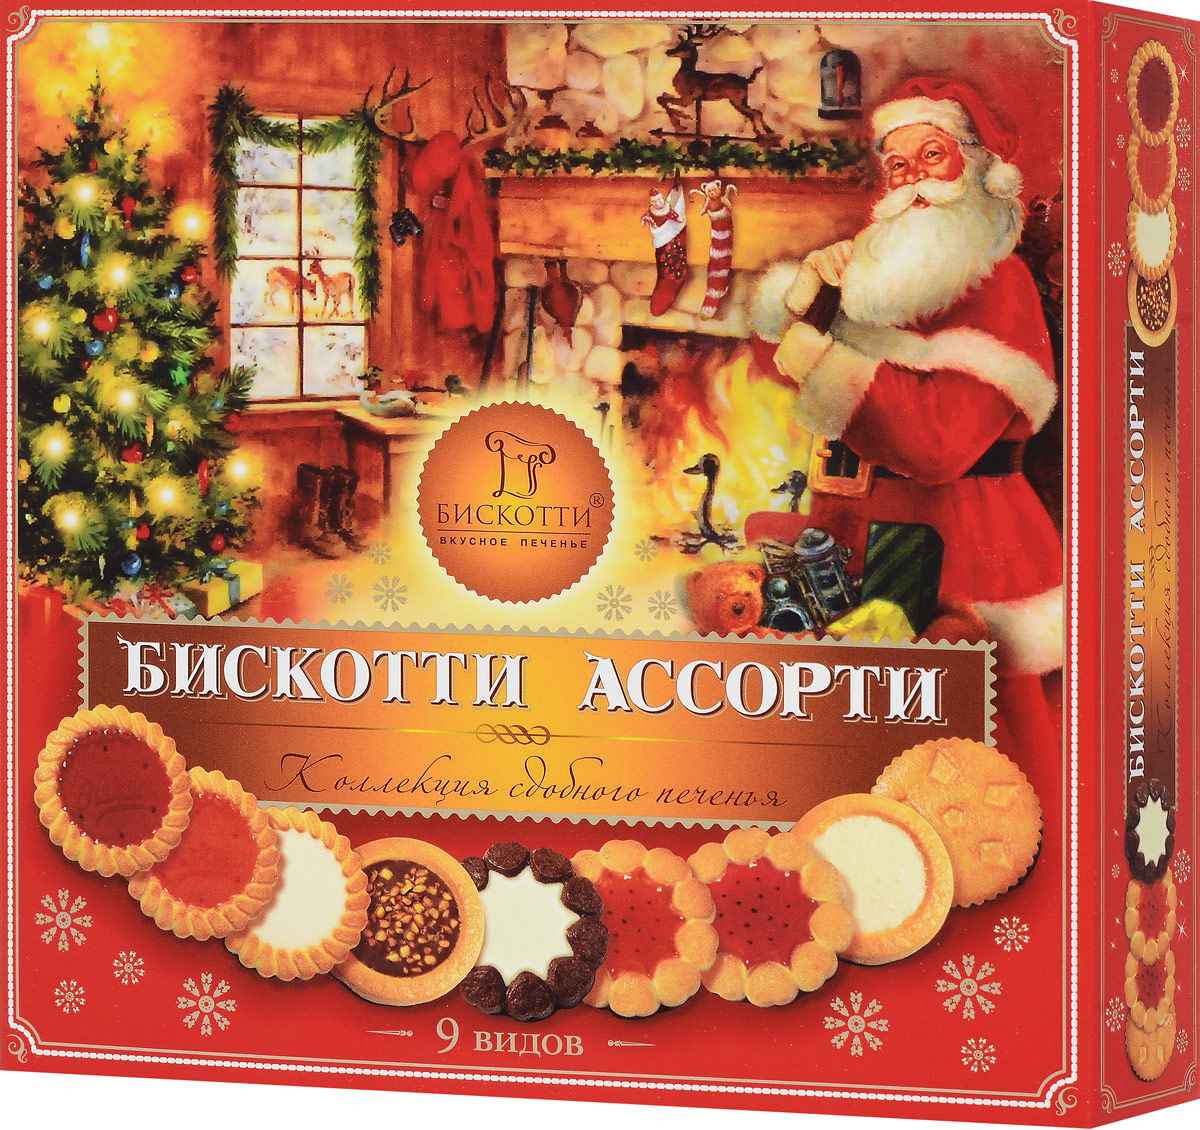 Бискотти Ассорти печенье сдобное, 345 г (9 видов) premier наборсолевой скраб лосьон для тела луговые травы premier gifts ultimate spa kit b84 1 шт